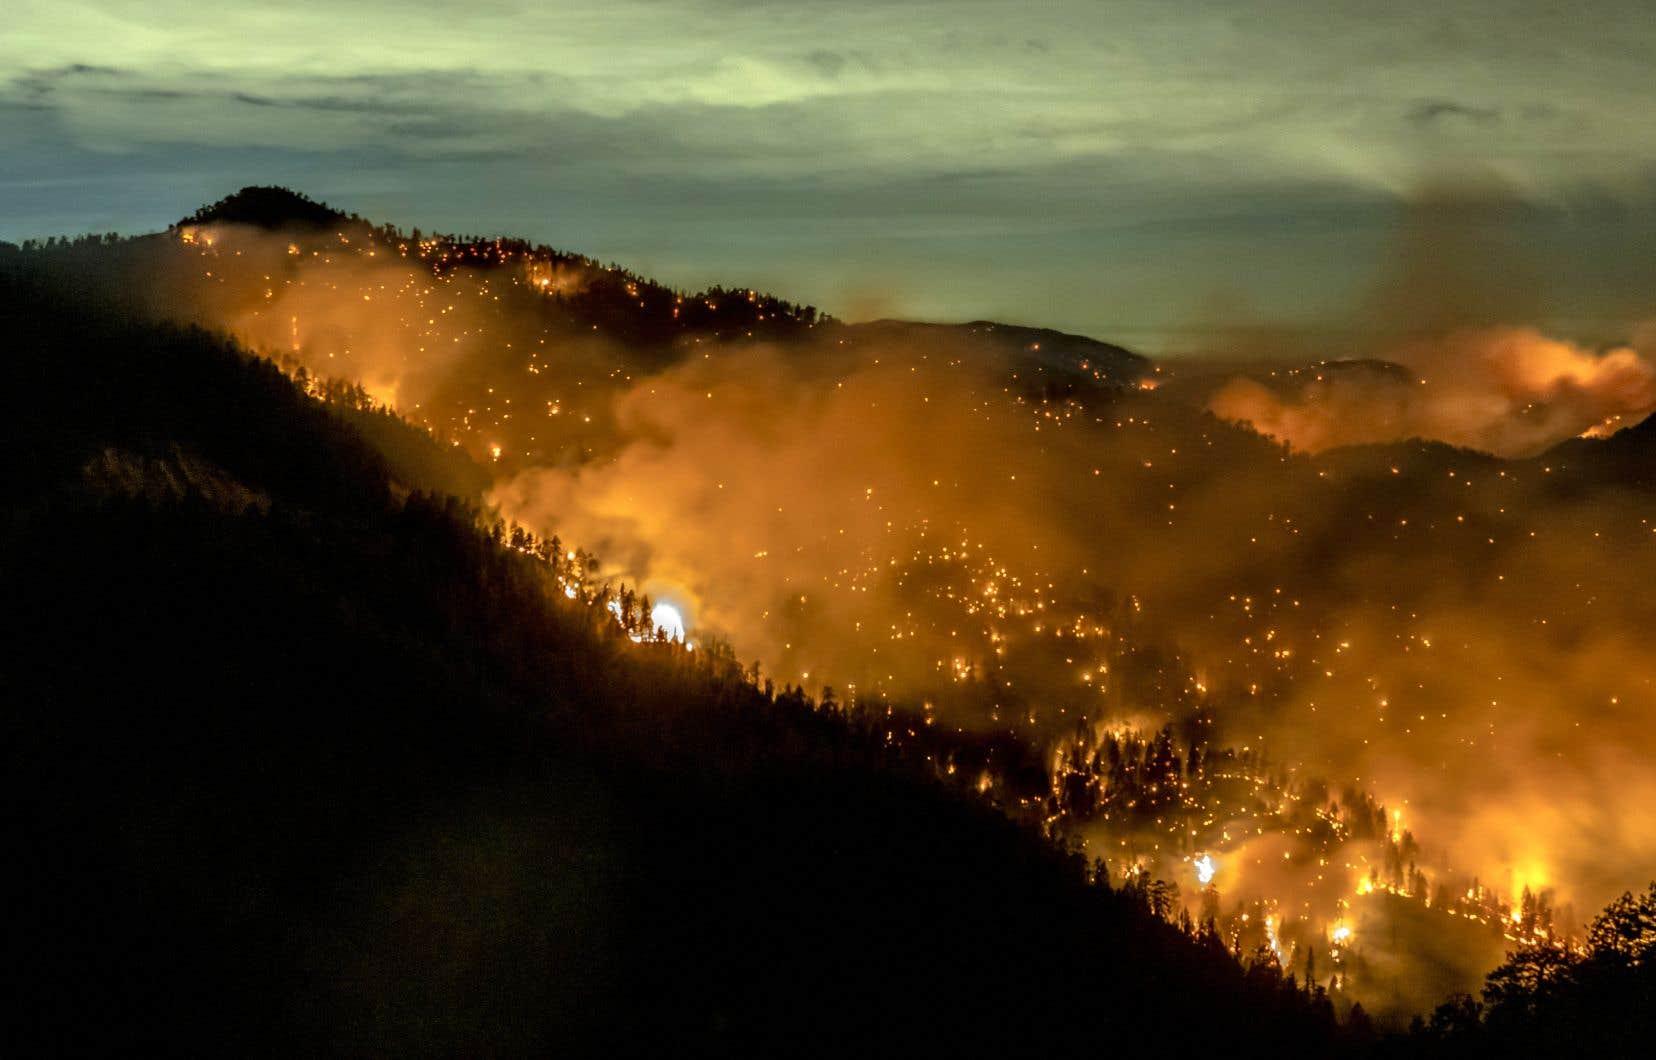 La sécheresse, les inondations, les incendies géants (comme ceux qui ravagent la côte ouest américaine) et d'autres catastrophes naturelles liées au changement climatique font fi des opinions politiques, avertit Christiana Figueres, l'ex-responsable de l'ONU pour le climat.